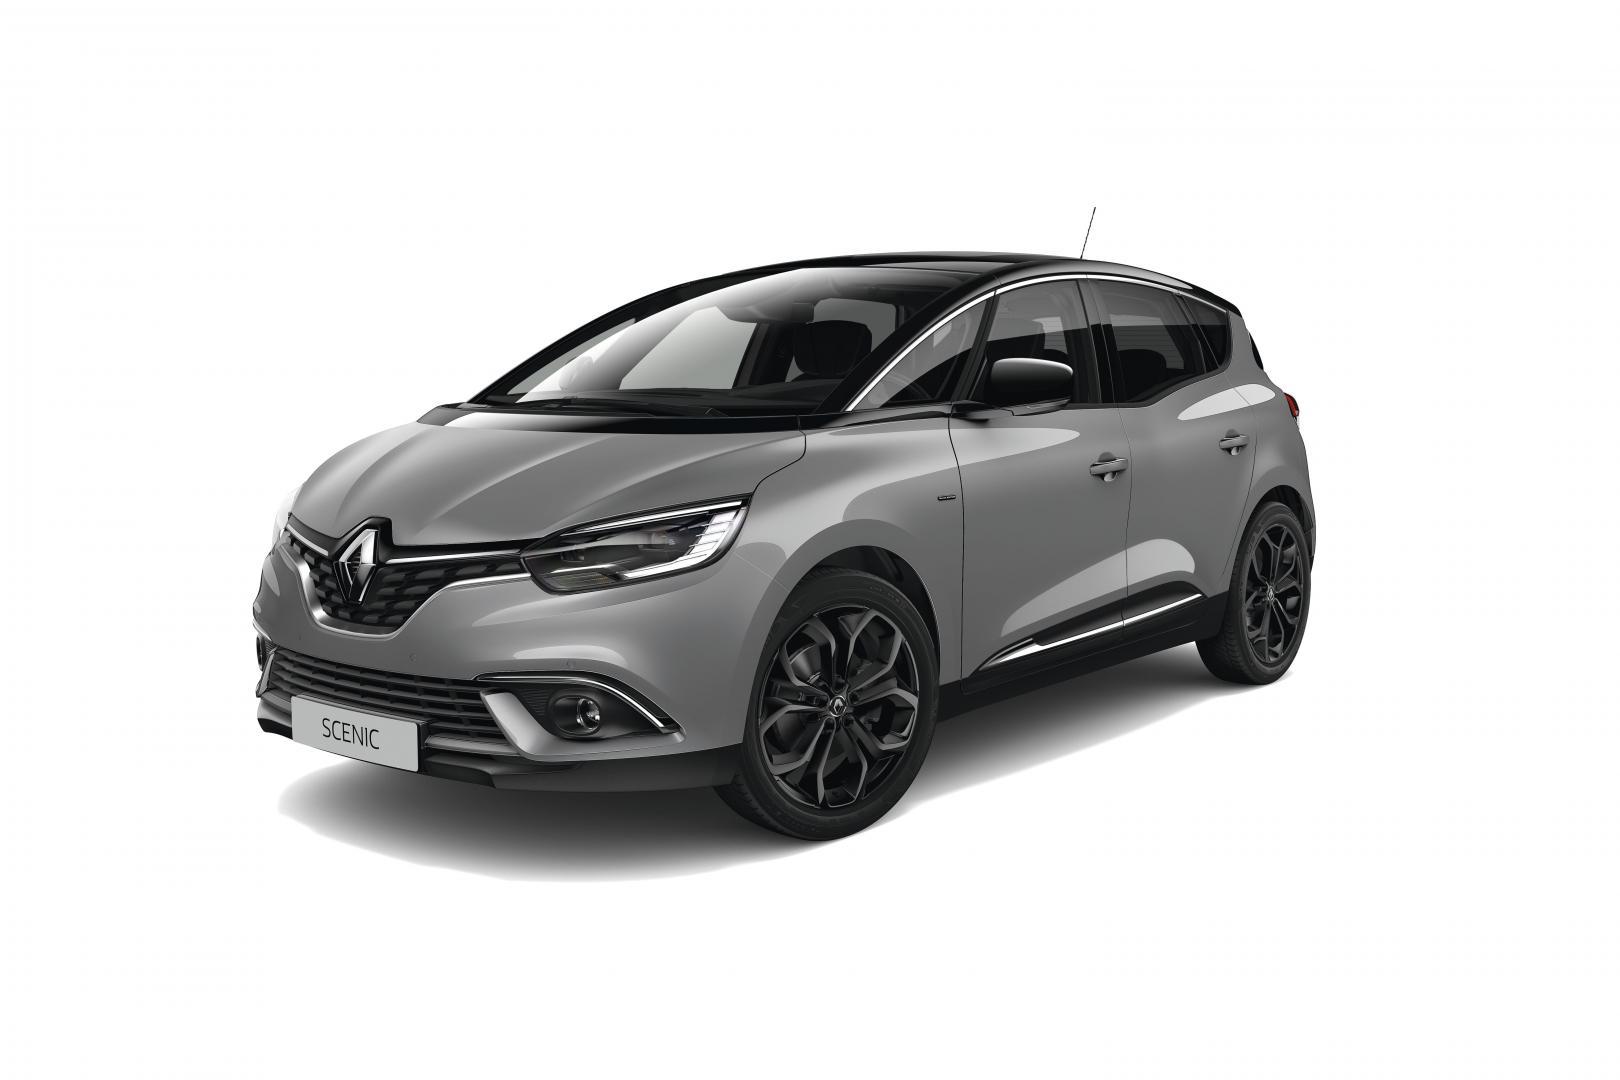 Renault SCENIC Autohaus Schouren